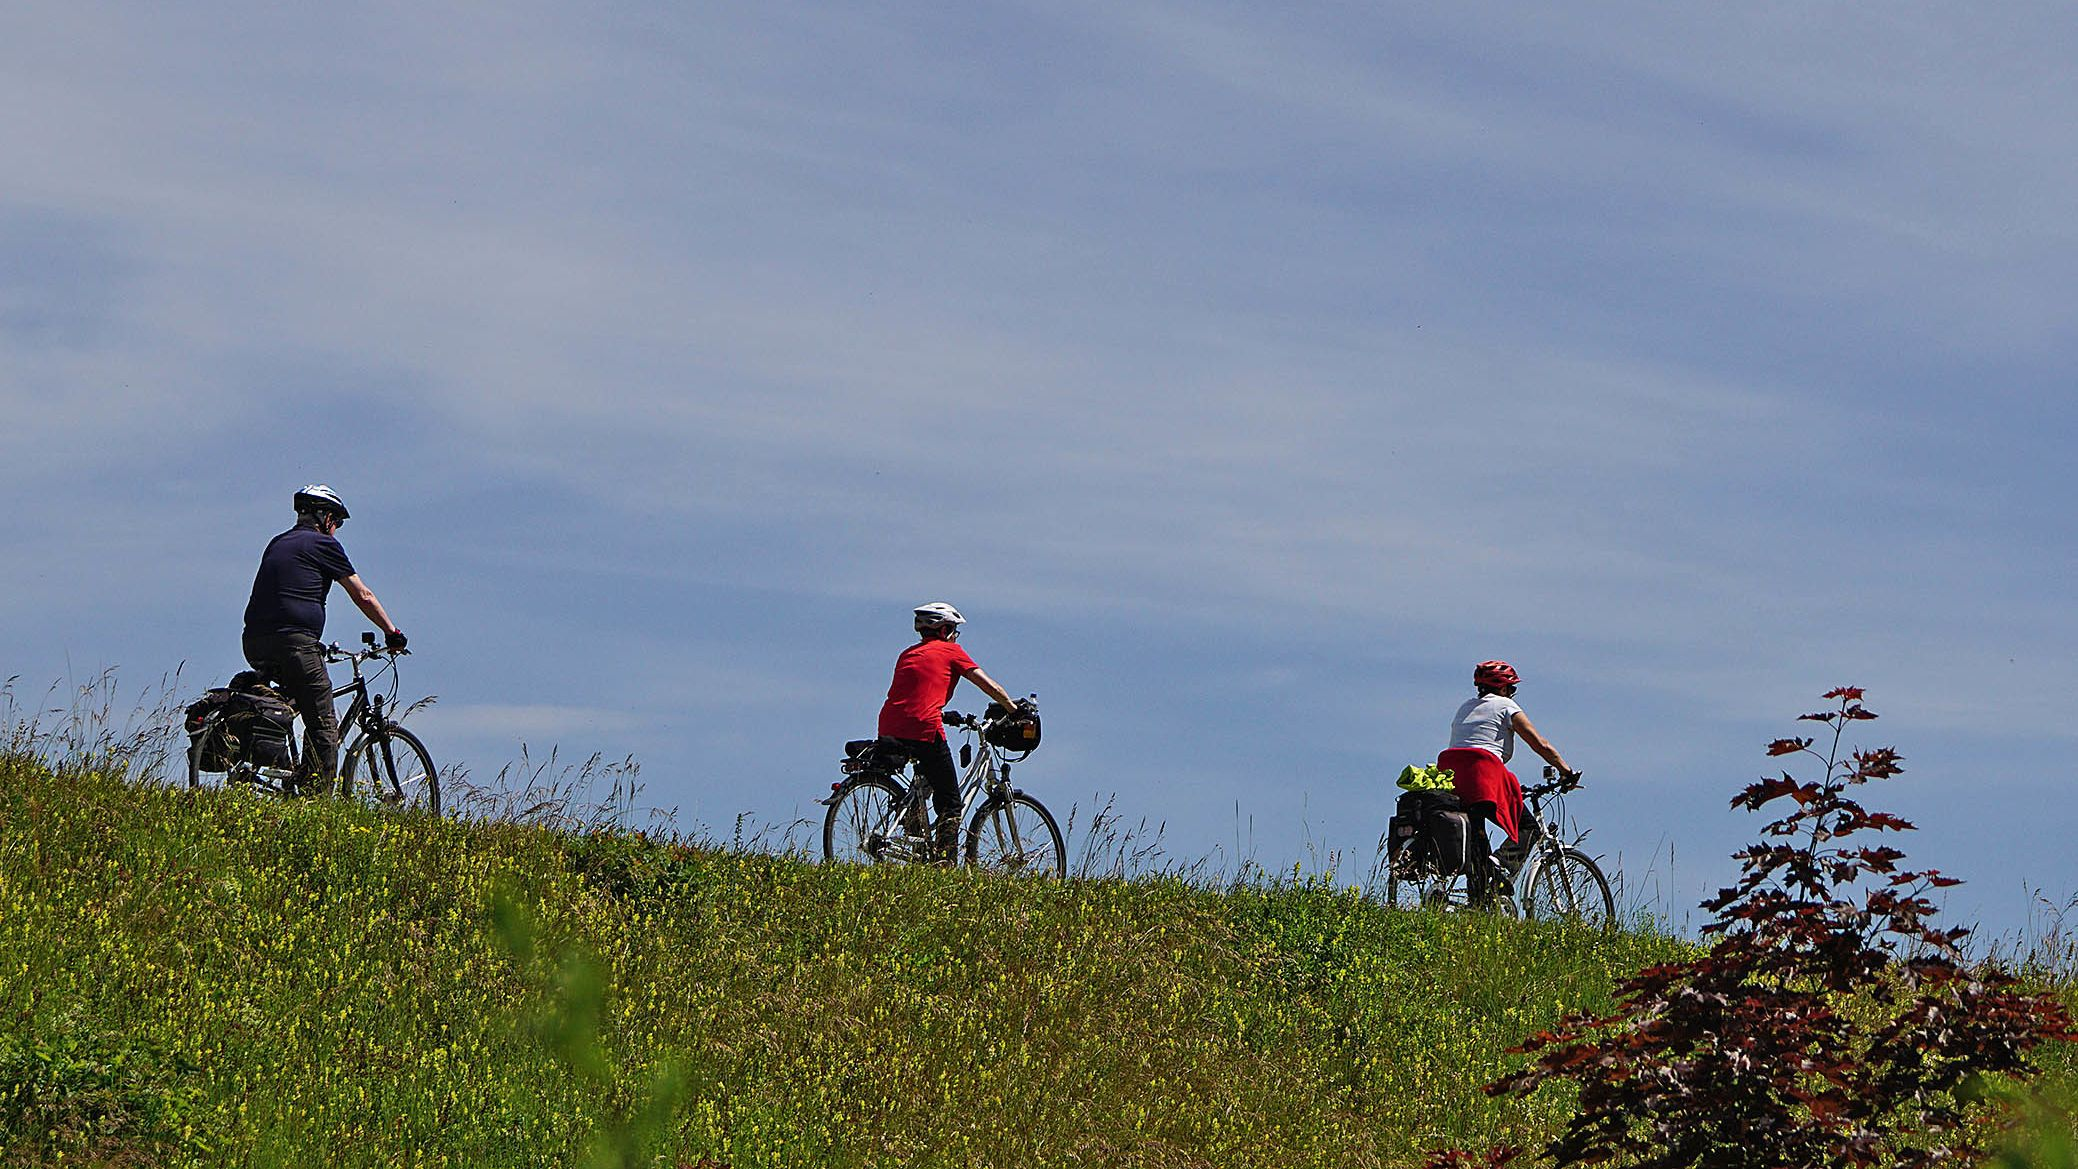 Fahrradfahrer auf einer Radtour - Symbolbild